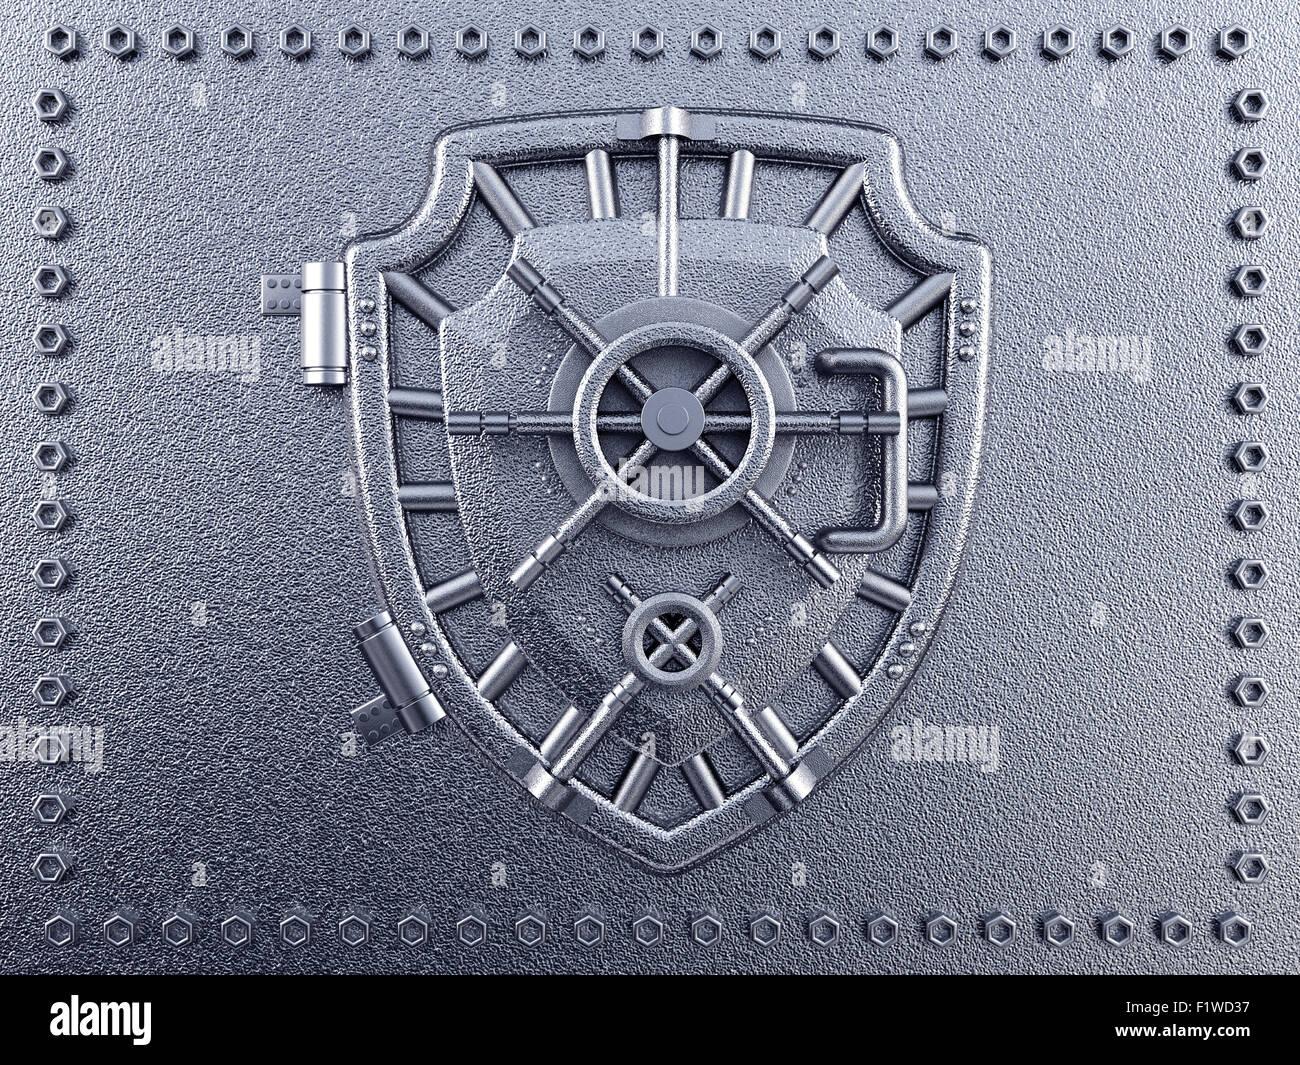 Metal vaulted door with shield shape - Stock Image